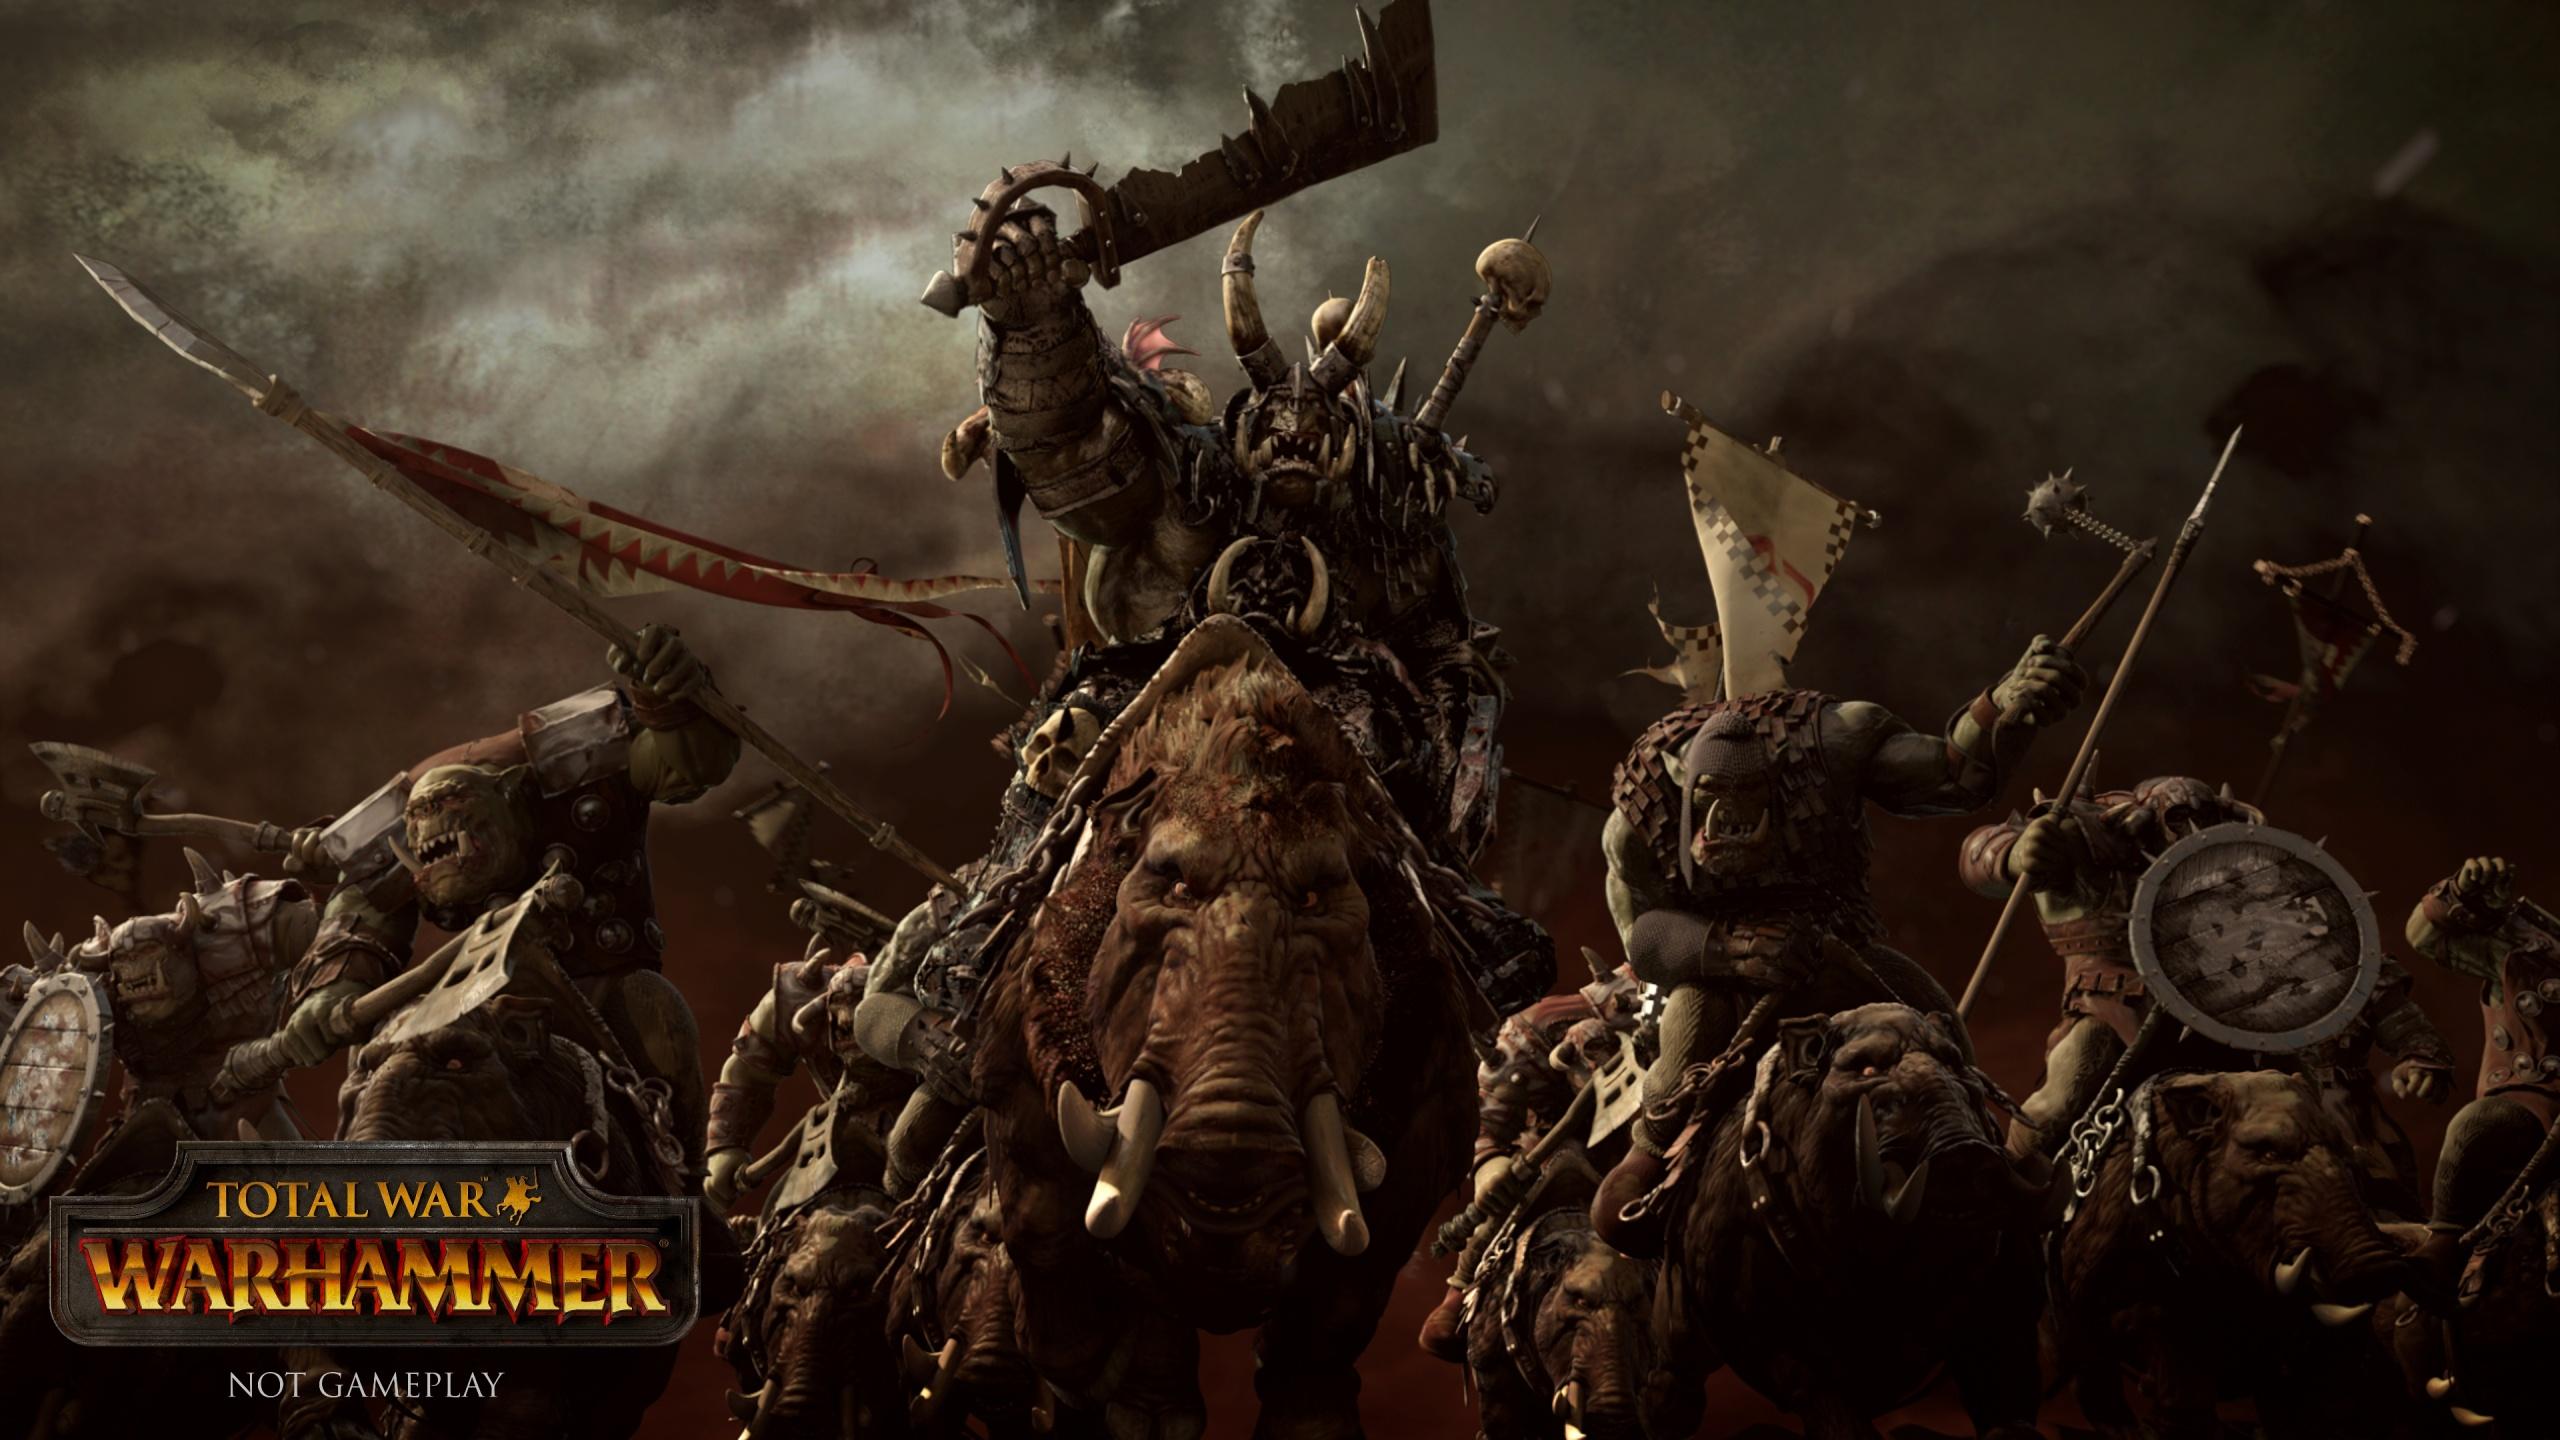 Steam Workshop Warhammer Ii Details Variationen